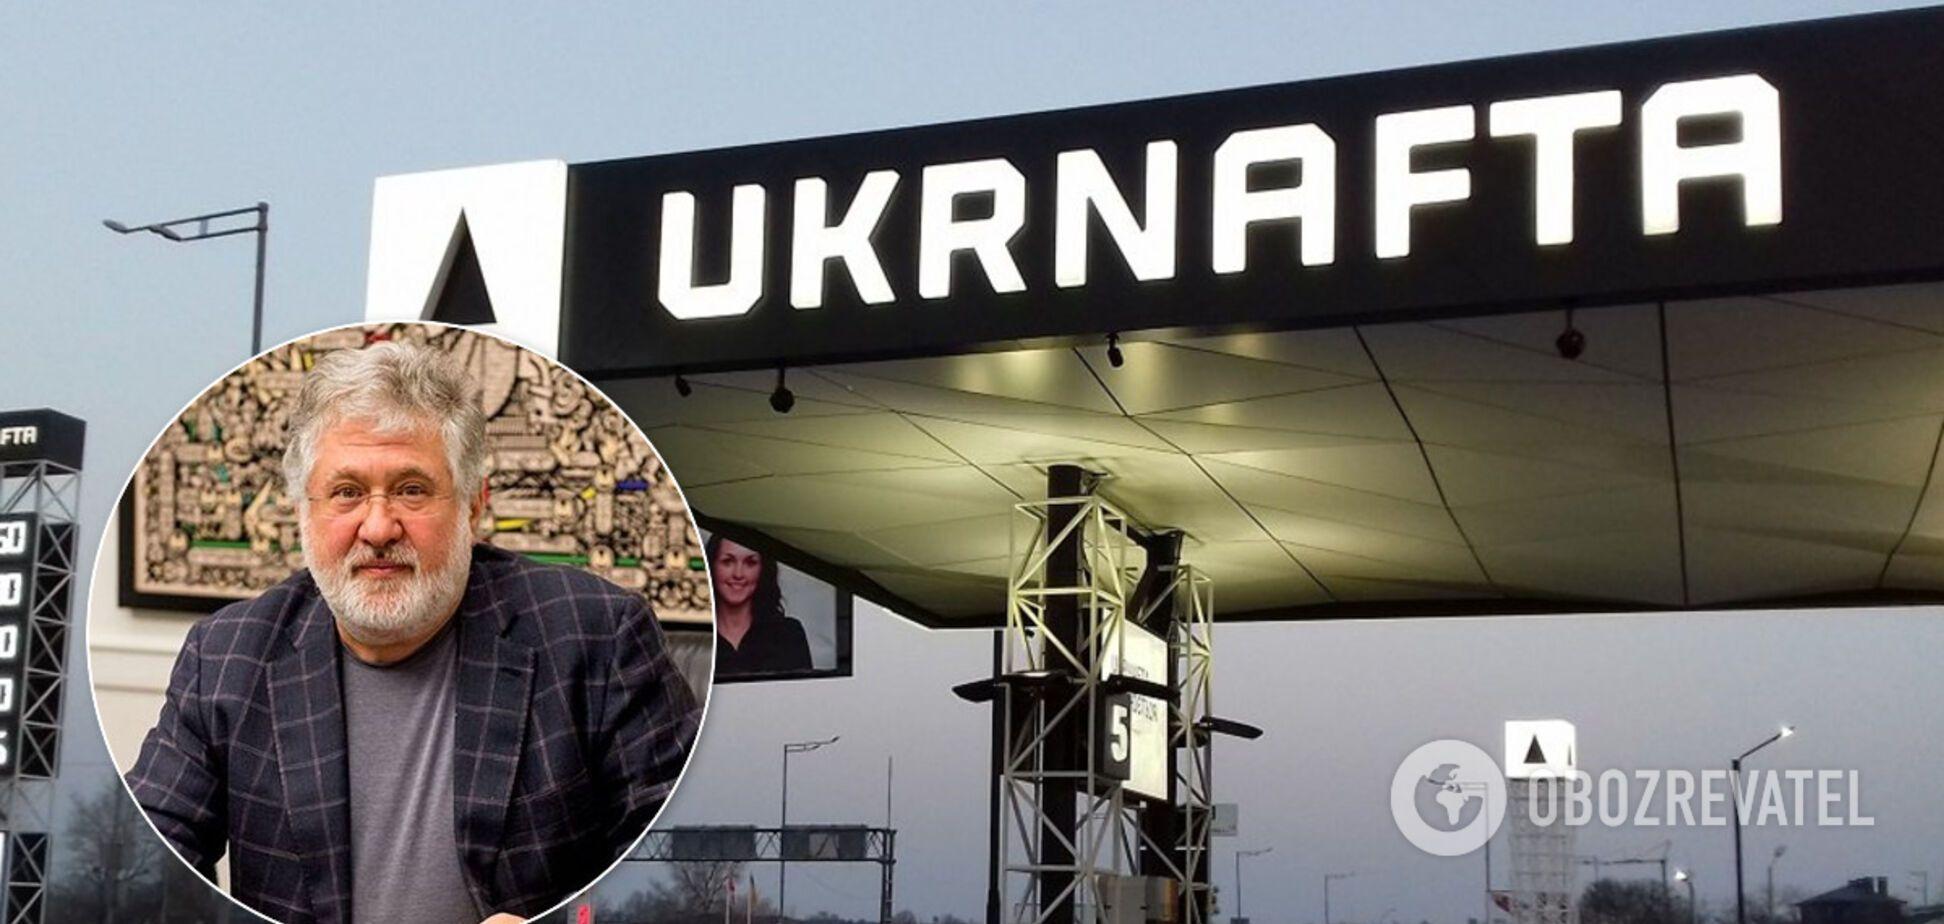 'Укрнафта' продала нафту Коломойському за рекордно низькою ціною: компанія відреагувала на скандал